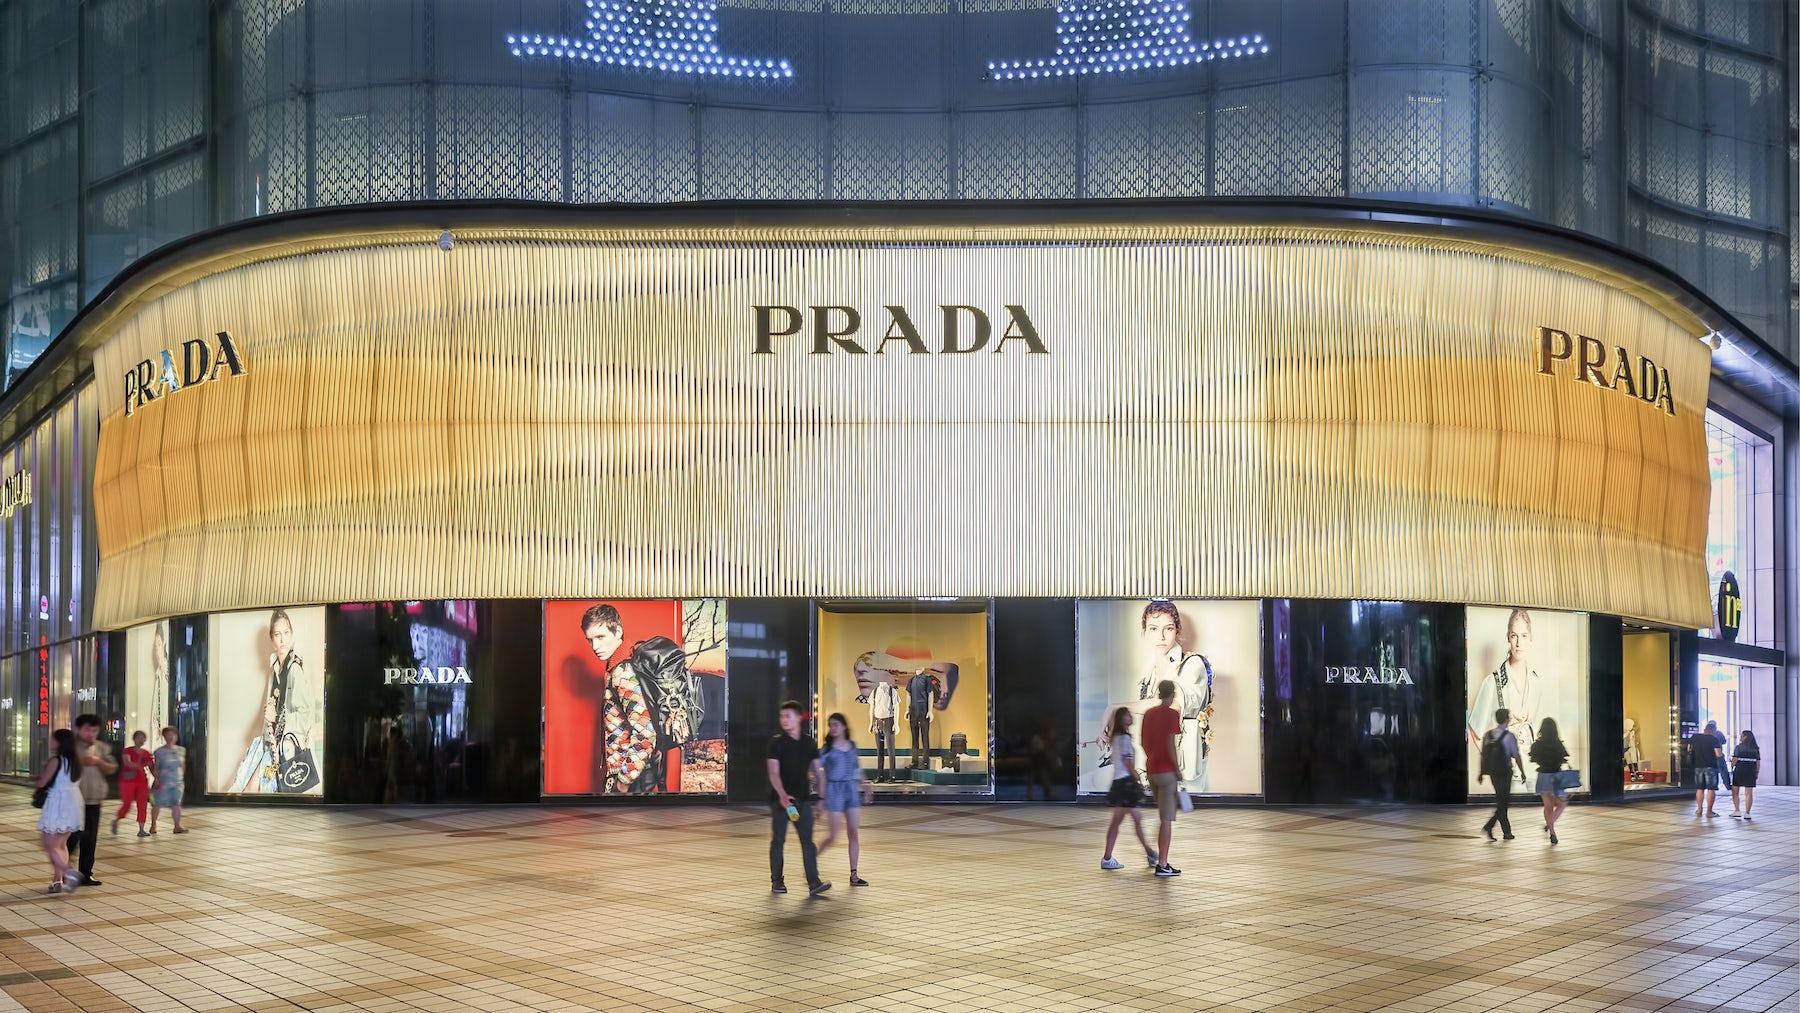 Prada flagship store in Beijing | Source: Shutterstock